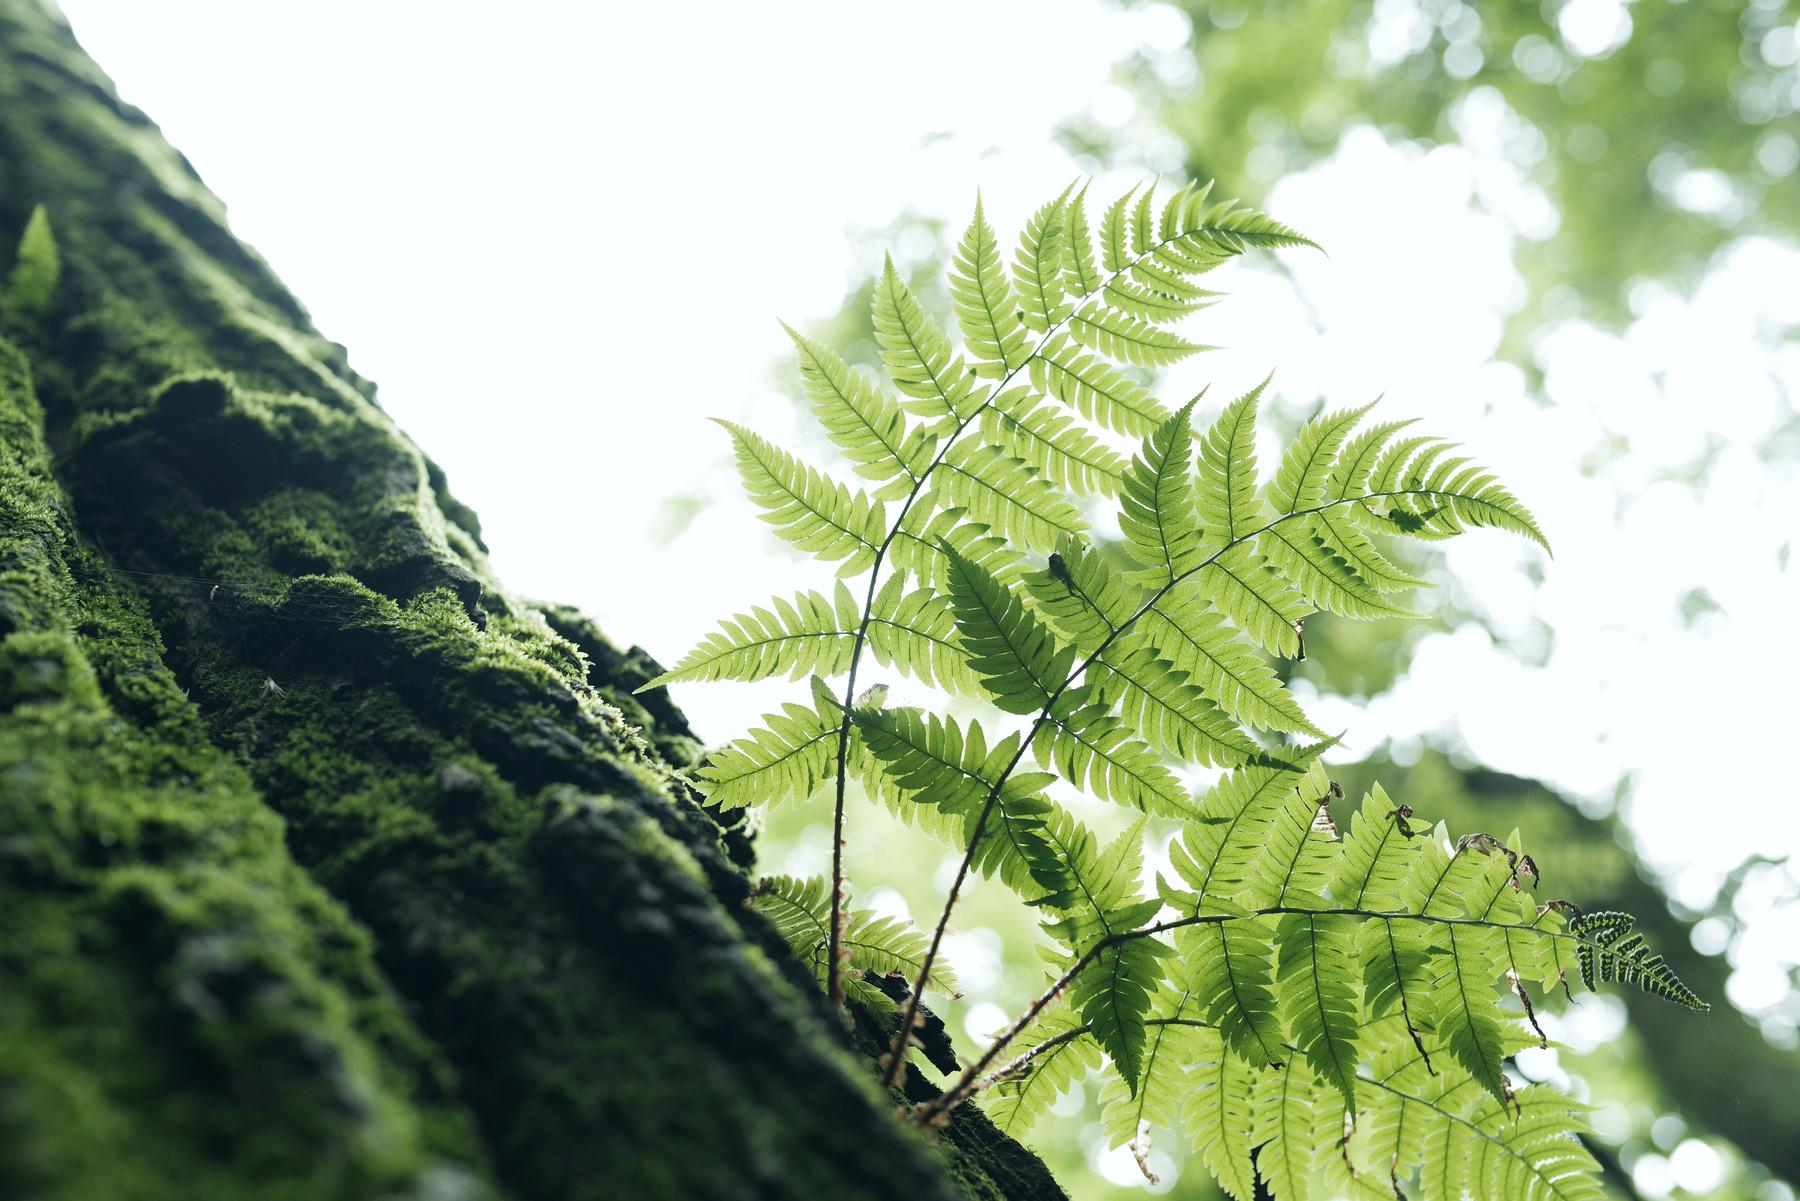 柔らかな光を受け止めるシダの葉の作例写真